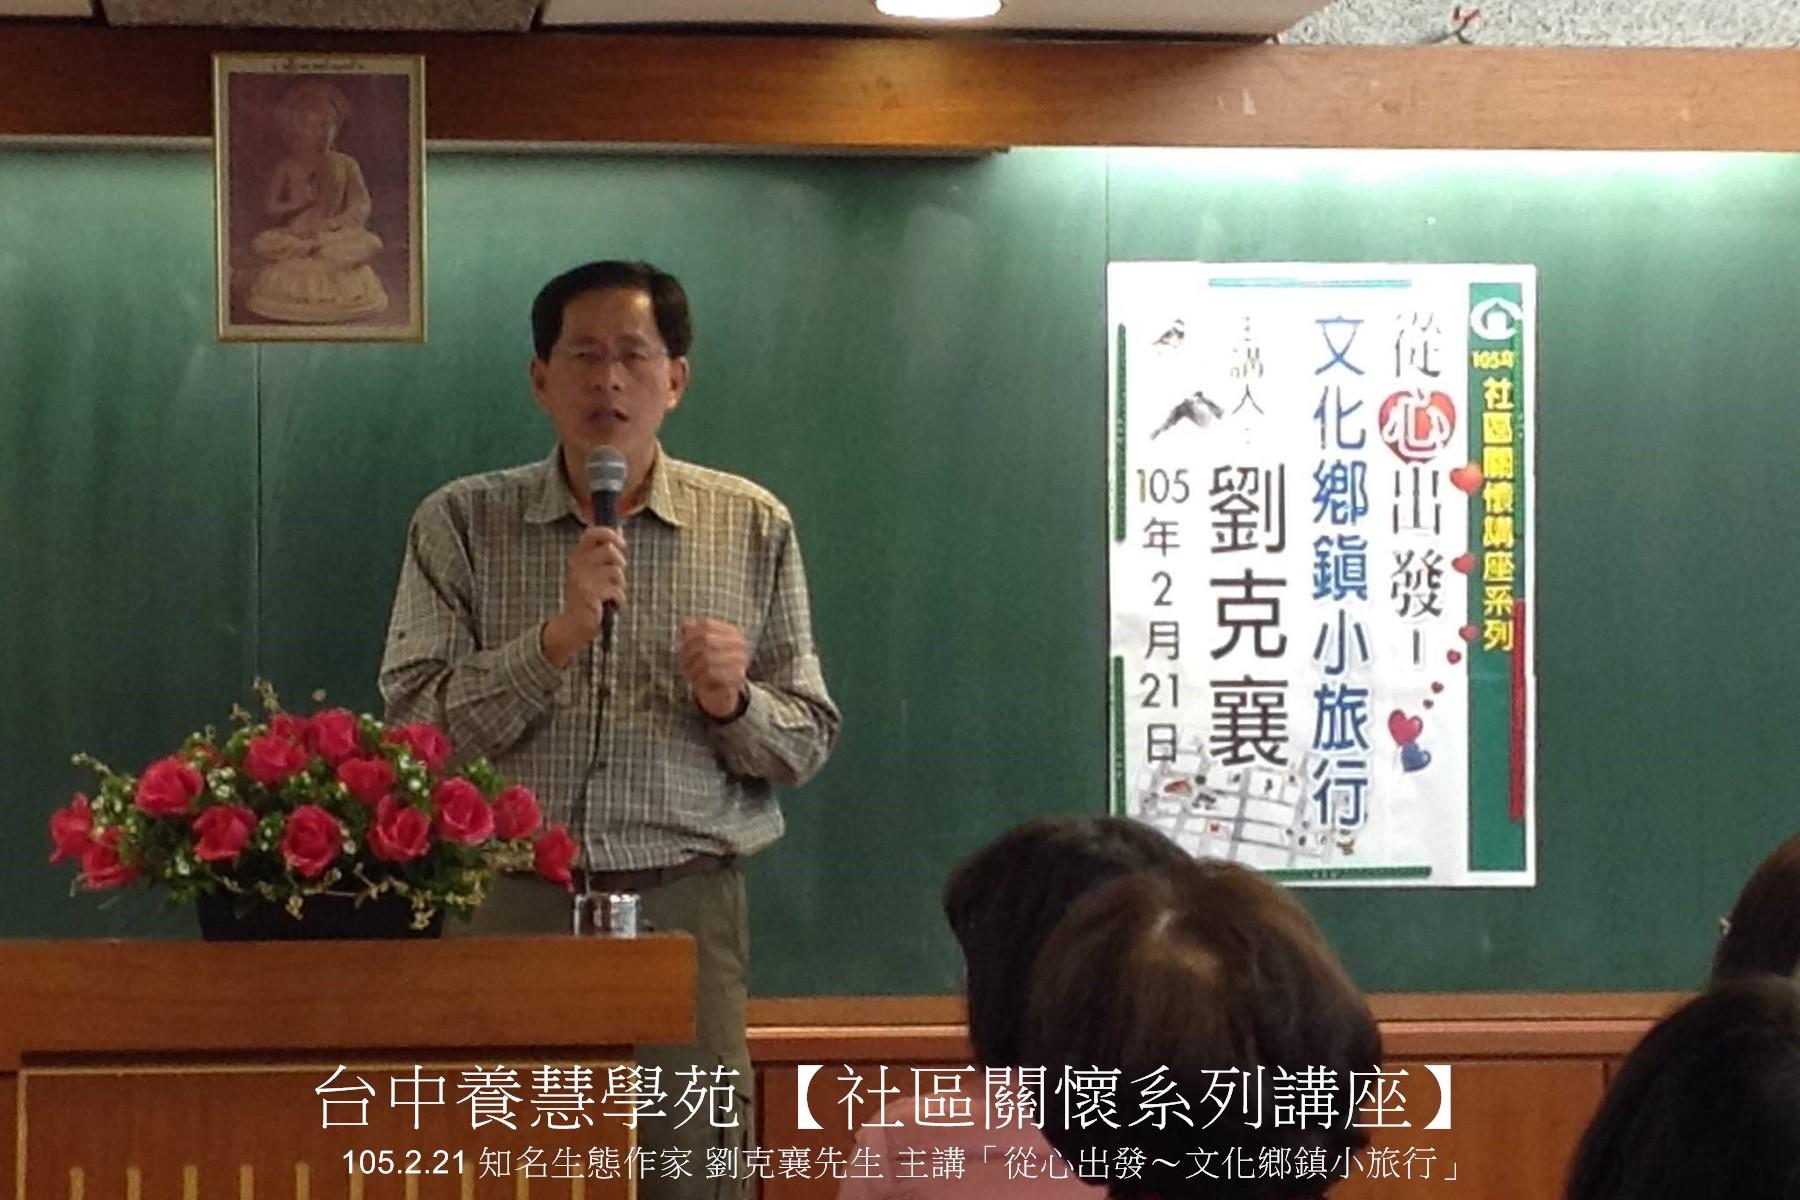 105.2.21 知名生態作家 劉克襄先生 主講「從心出發~文化鄉鎮小旅行」。